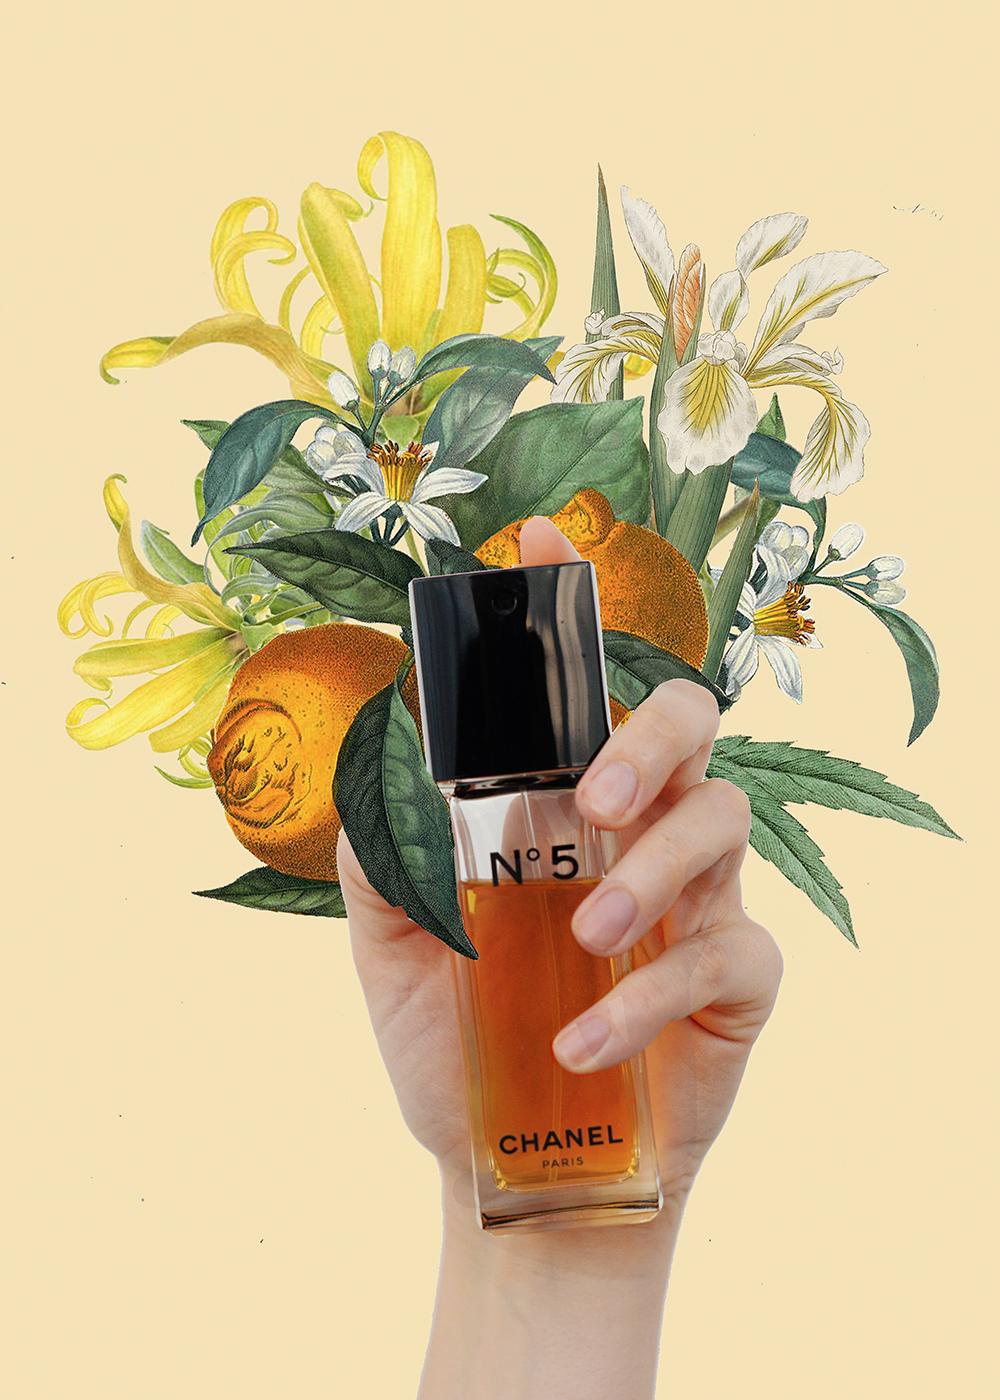 chanel n 5 famiglia olfattiva fiorita